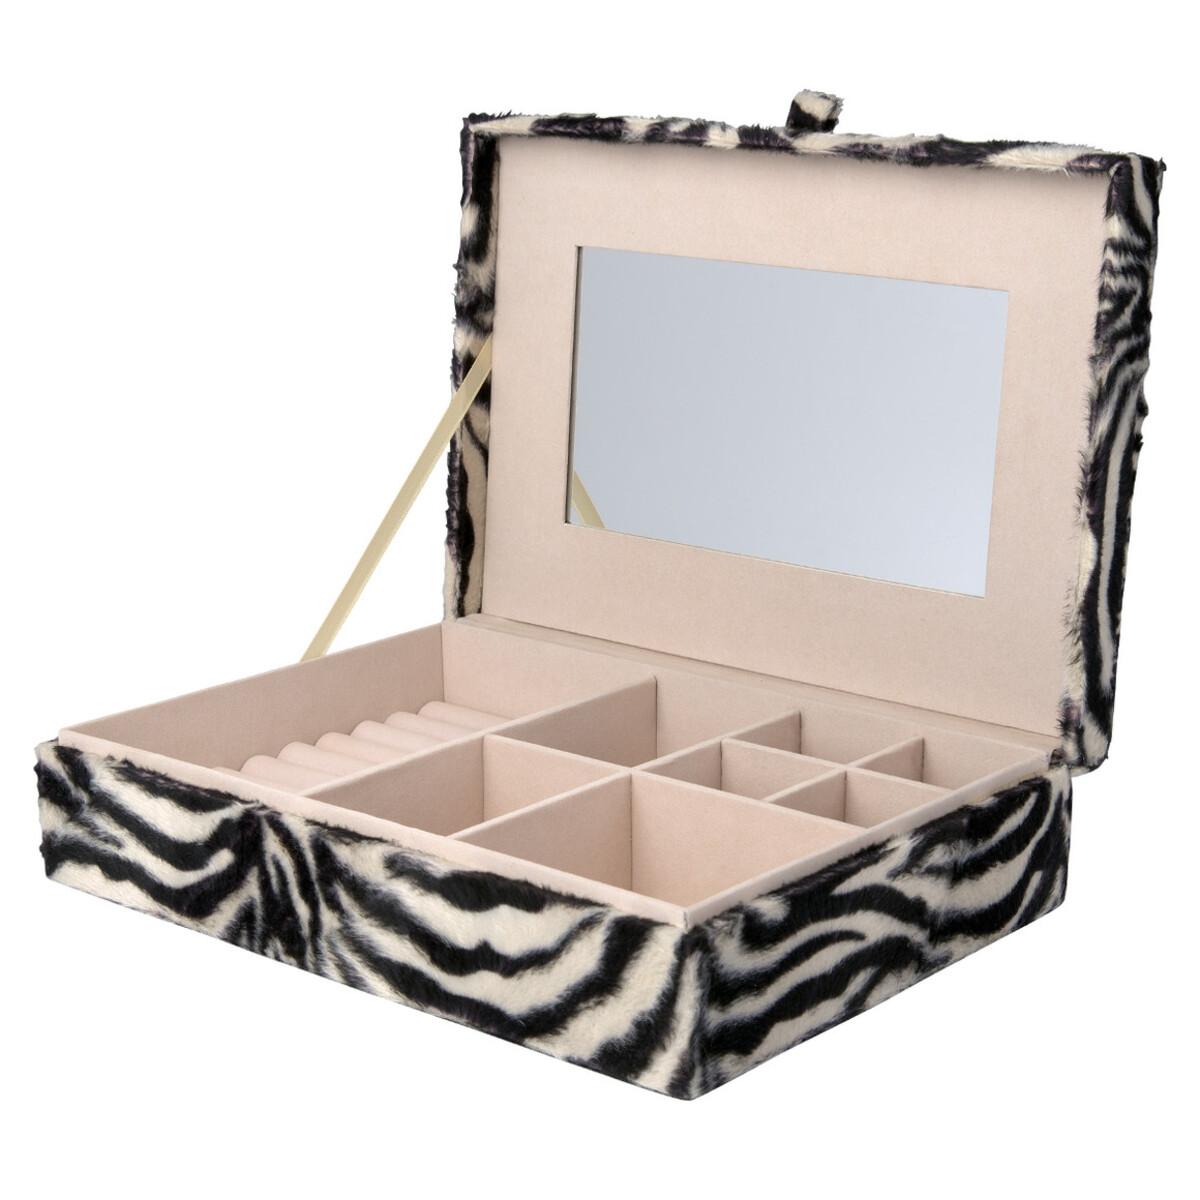 Bild 1 von Schmuckbox im Zebra-Look